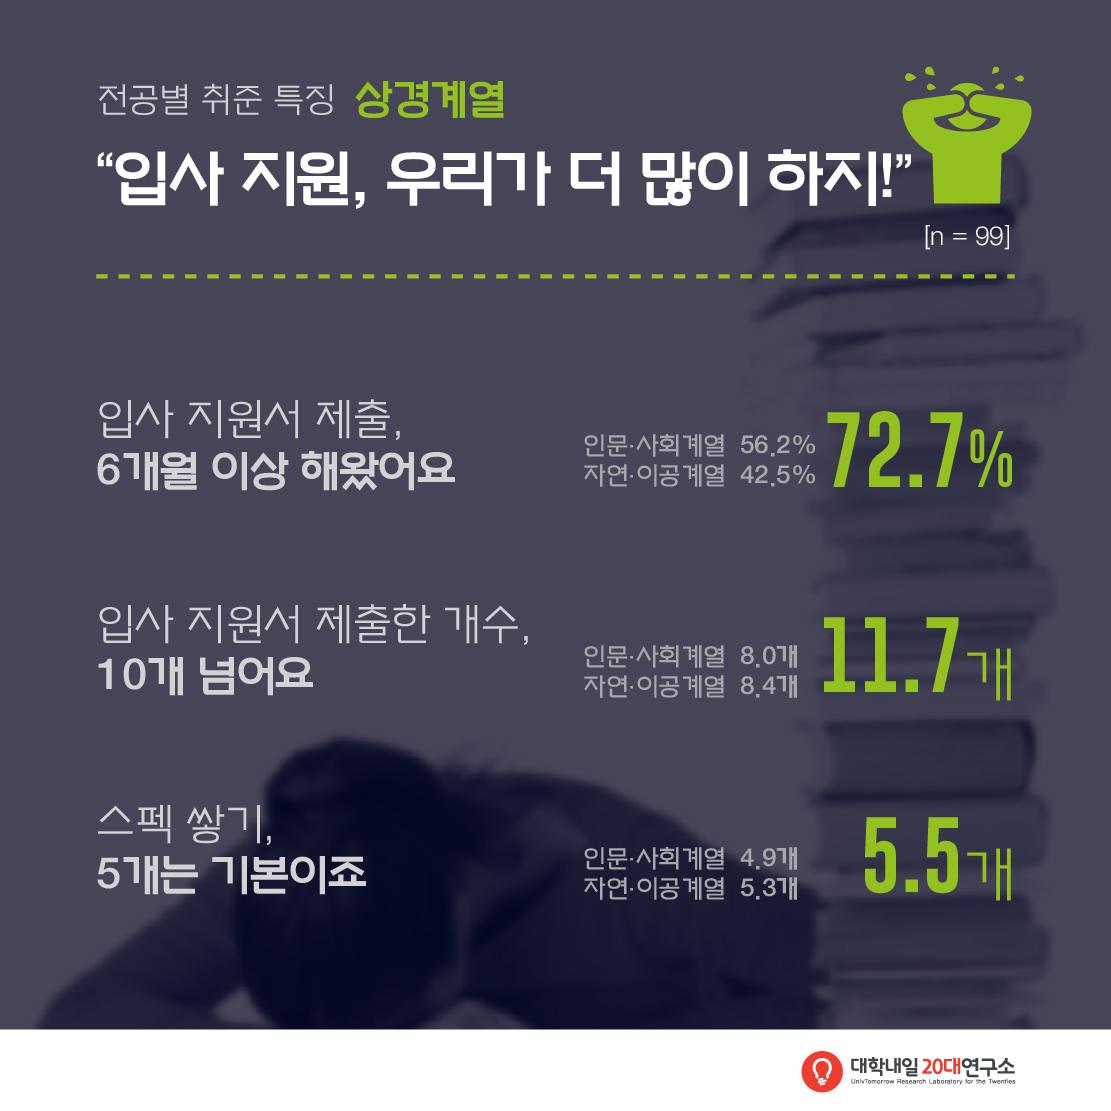 청춘백서_페북용-08